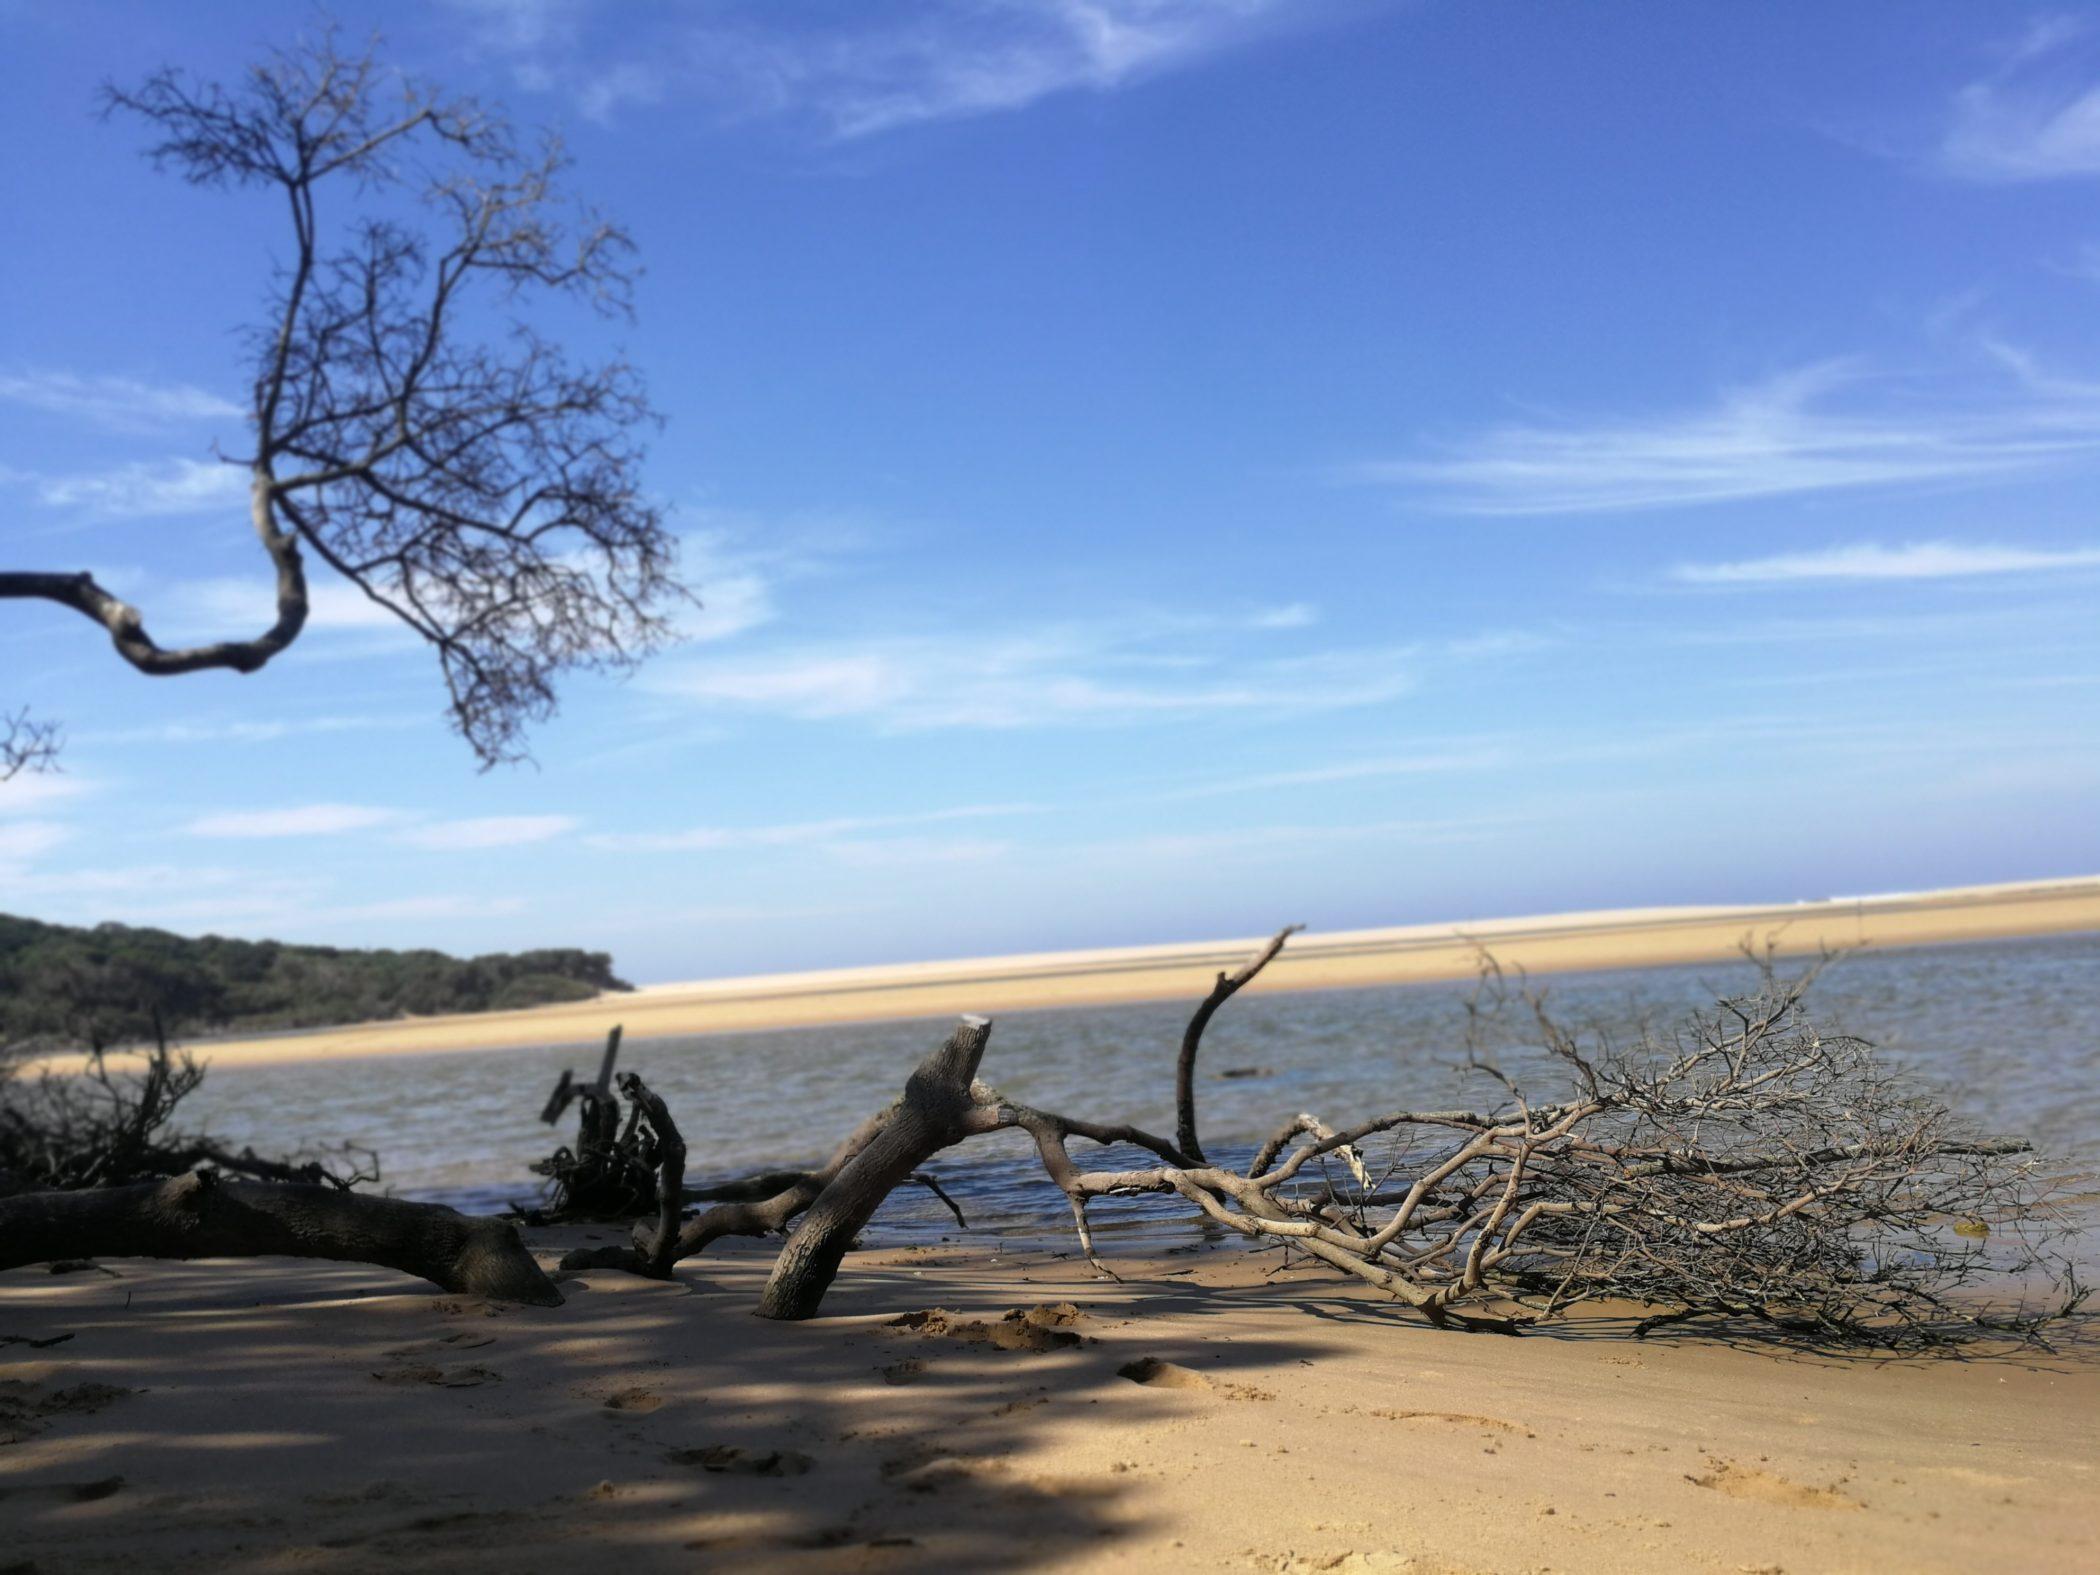 Utshwayelo Kosi Mouth Bay